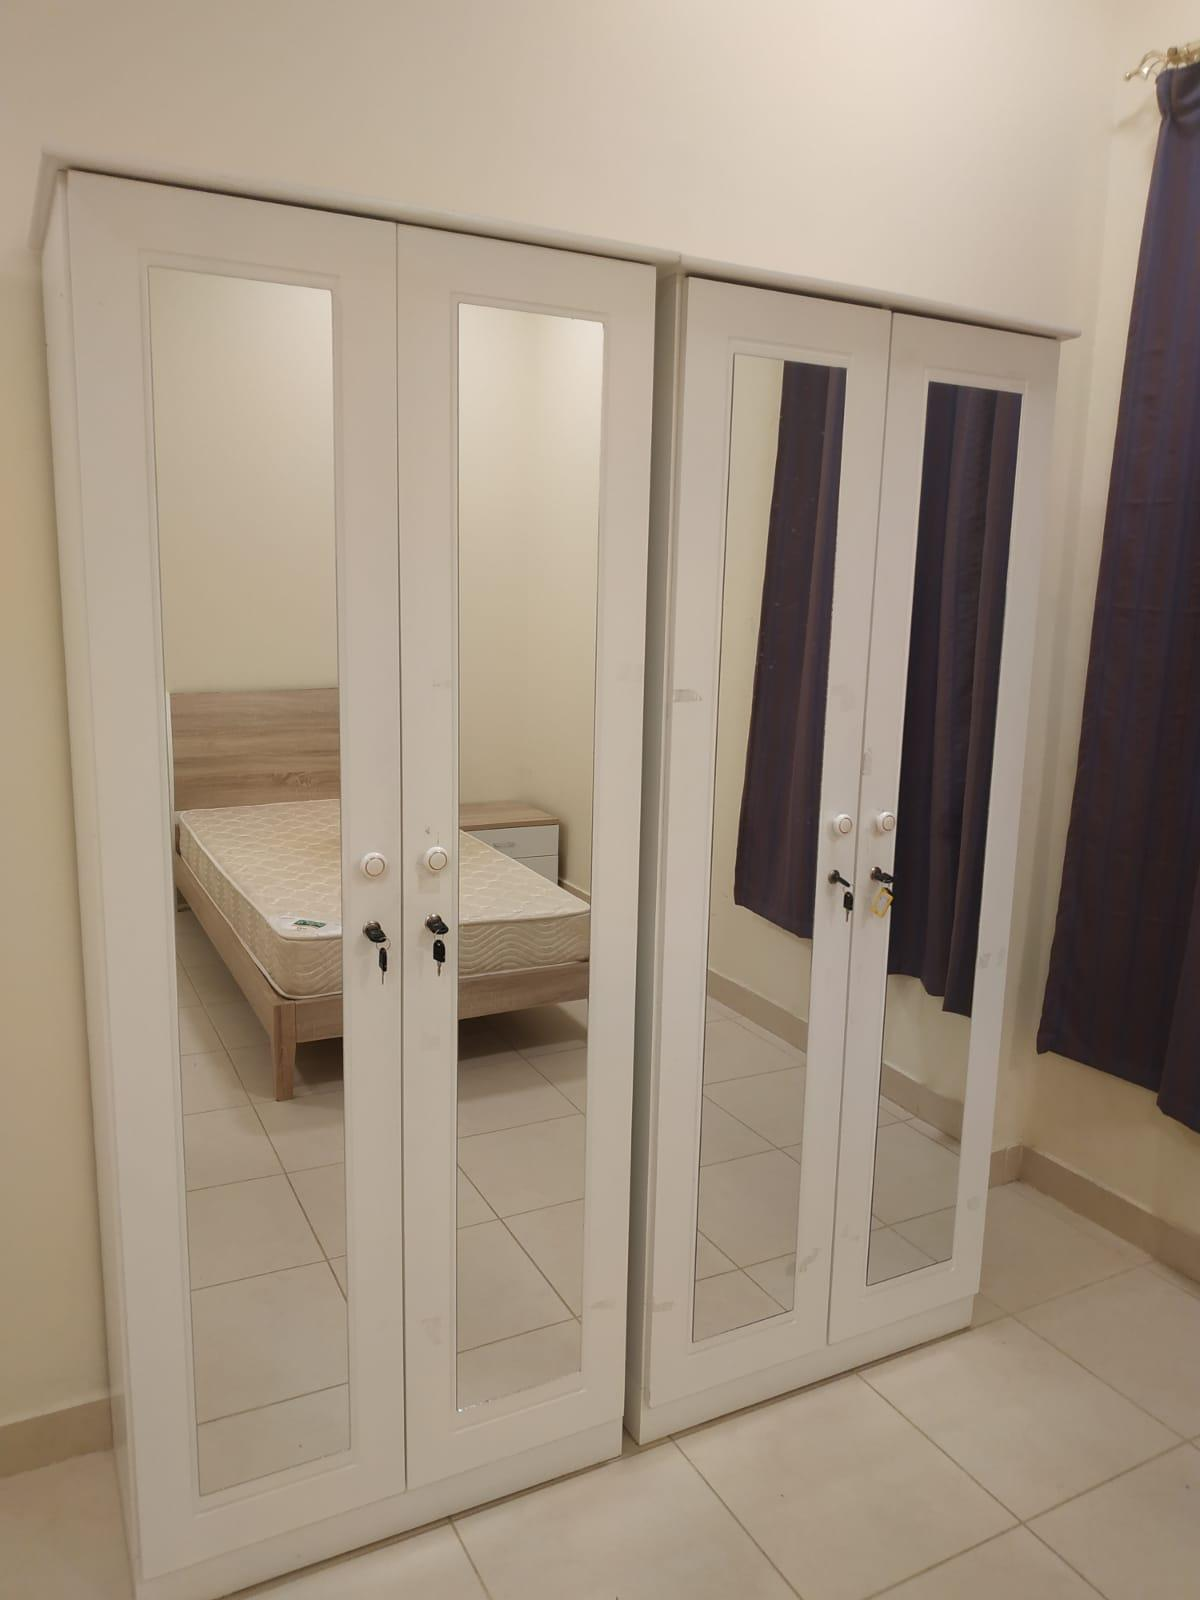 SALE !! Rare used 2 Door Almirah for Sale  !!